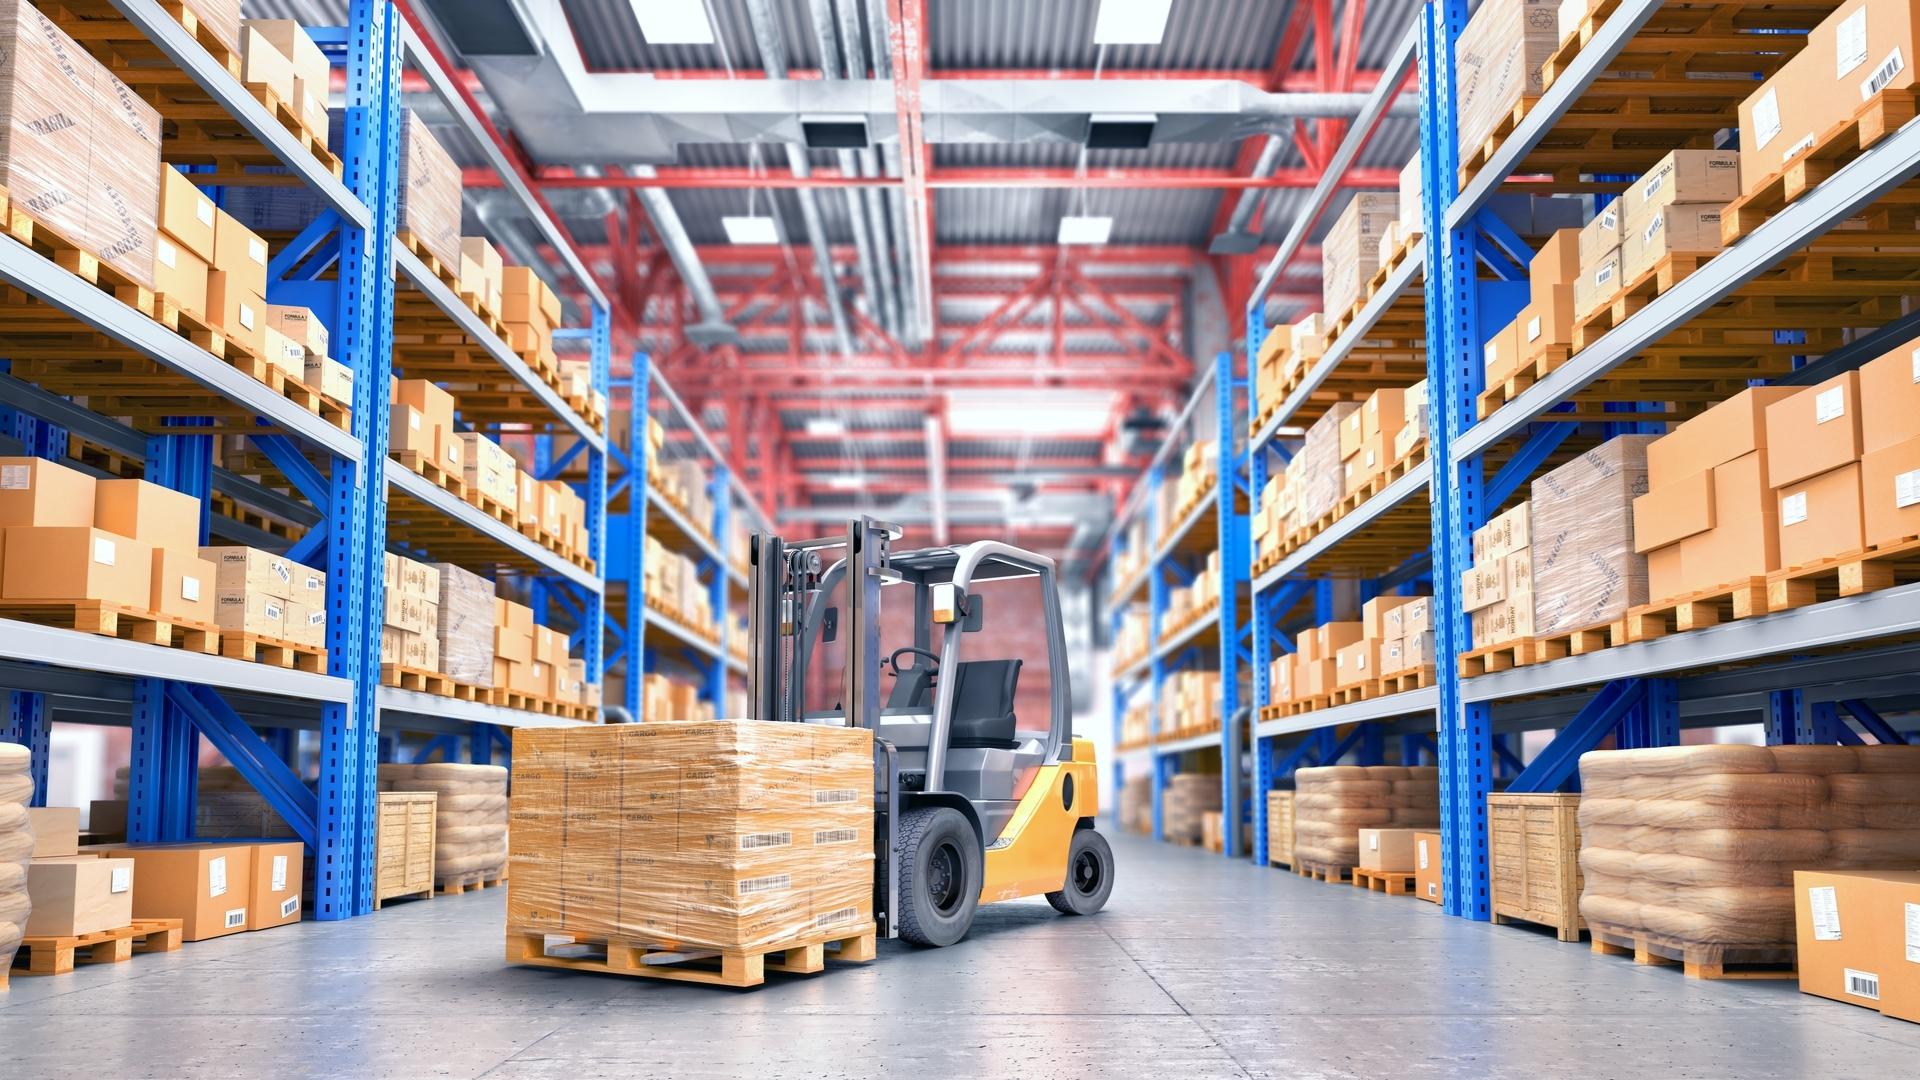 Χώρος αποθήκευσης και διαμεταφοράς εμπορευμάτων 3PL Logistics GEA Solutions